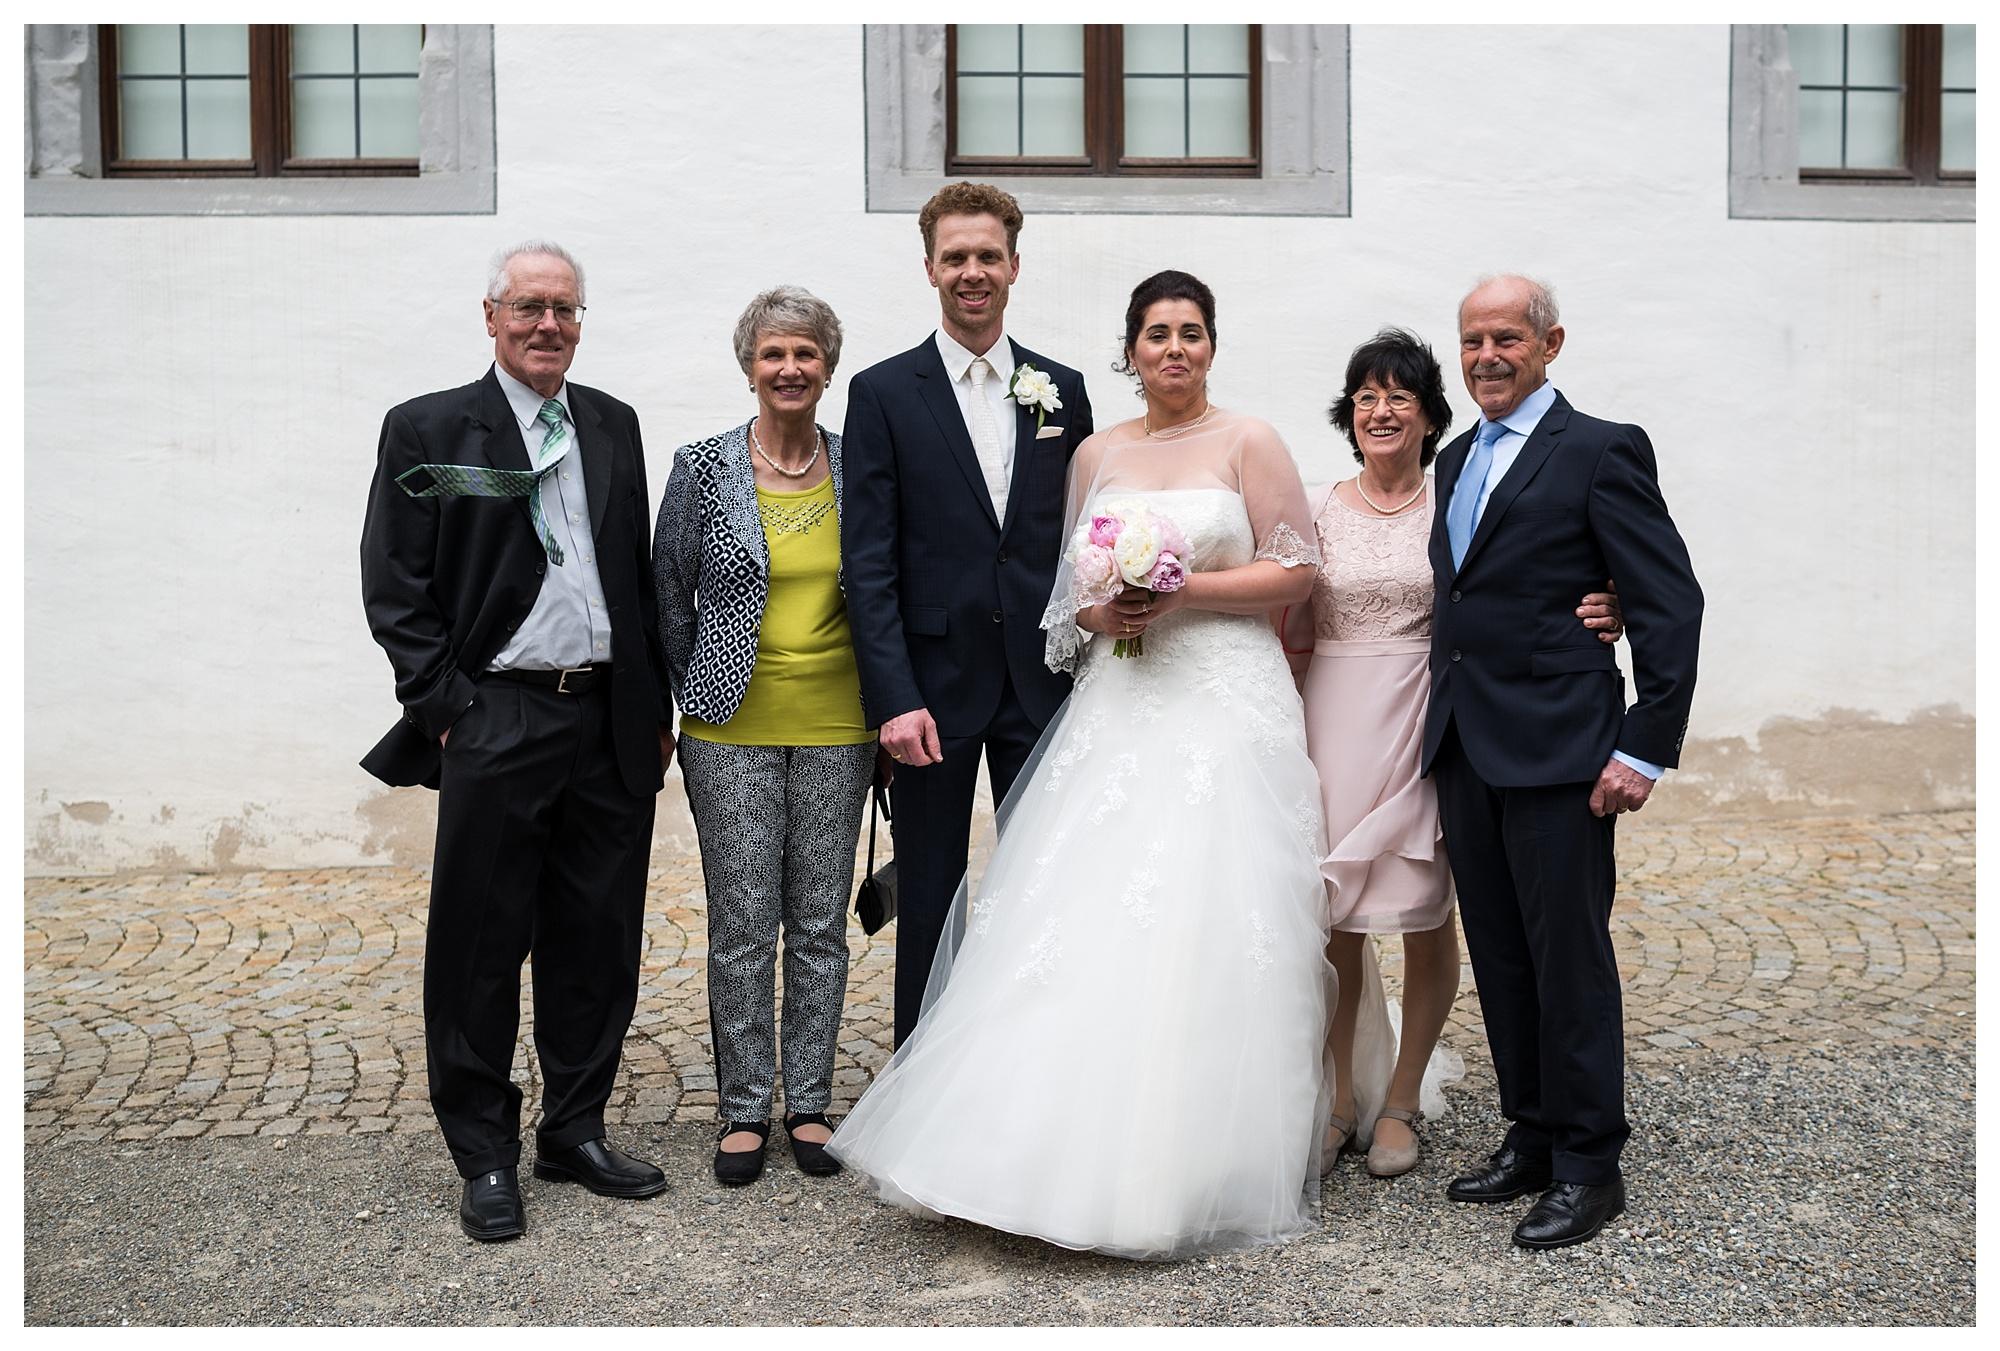 Fotograf Konstanz - Hochzeit Tanja Elmar Elmar Feuerbacher Photography Konstanz Messkirch Highlights 054 - Hochzeitsreportage von Tanja und Elmar im Schloss Meßkirch  - 158 -